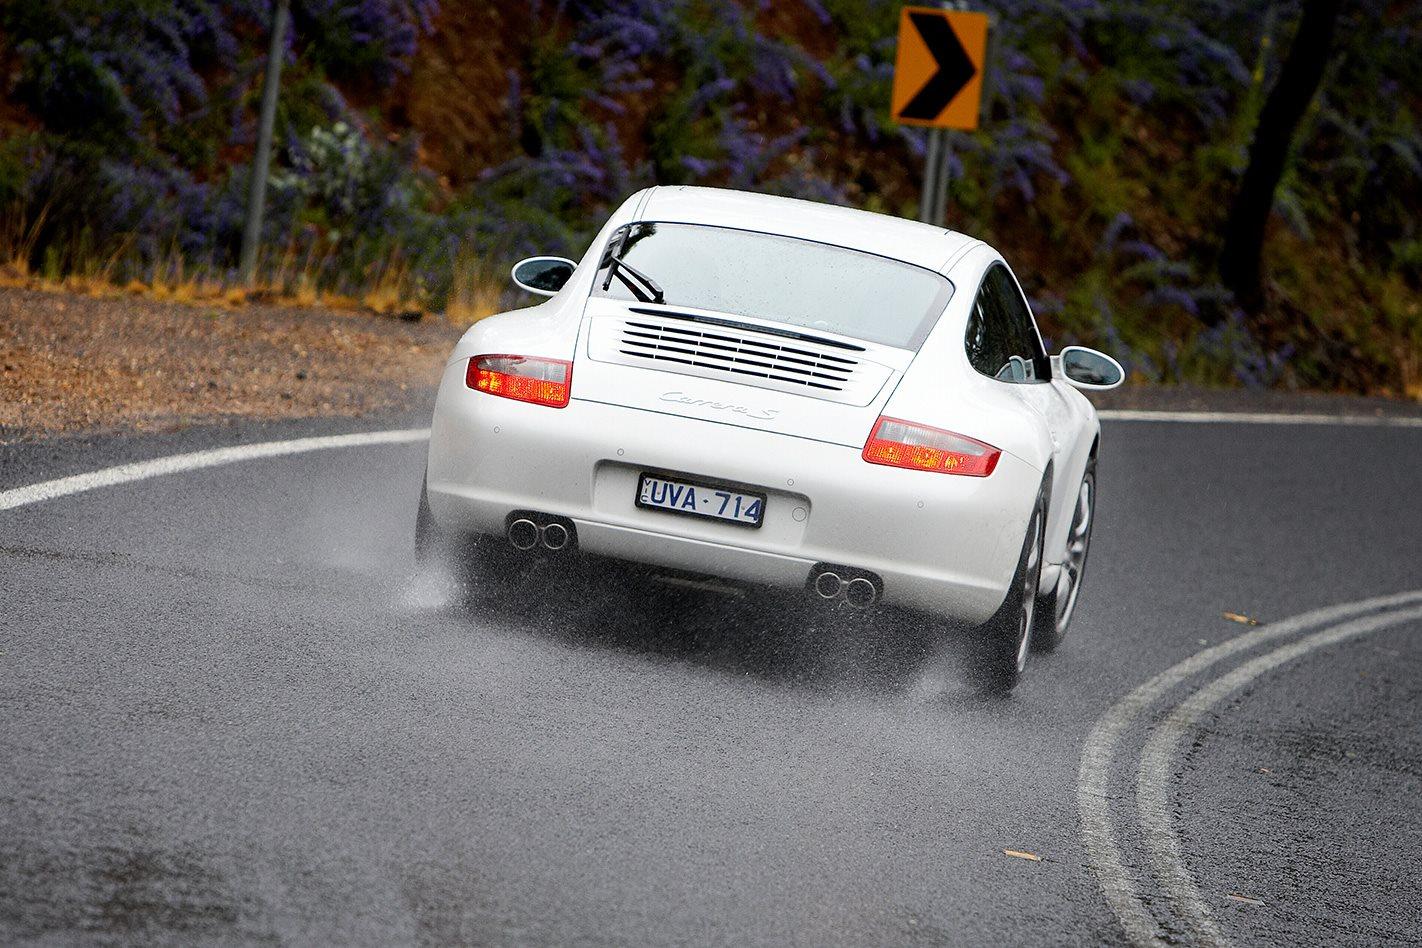 2008 Porsche 911 Carrera S rear